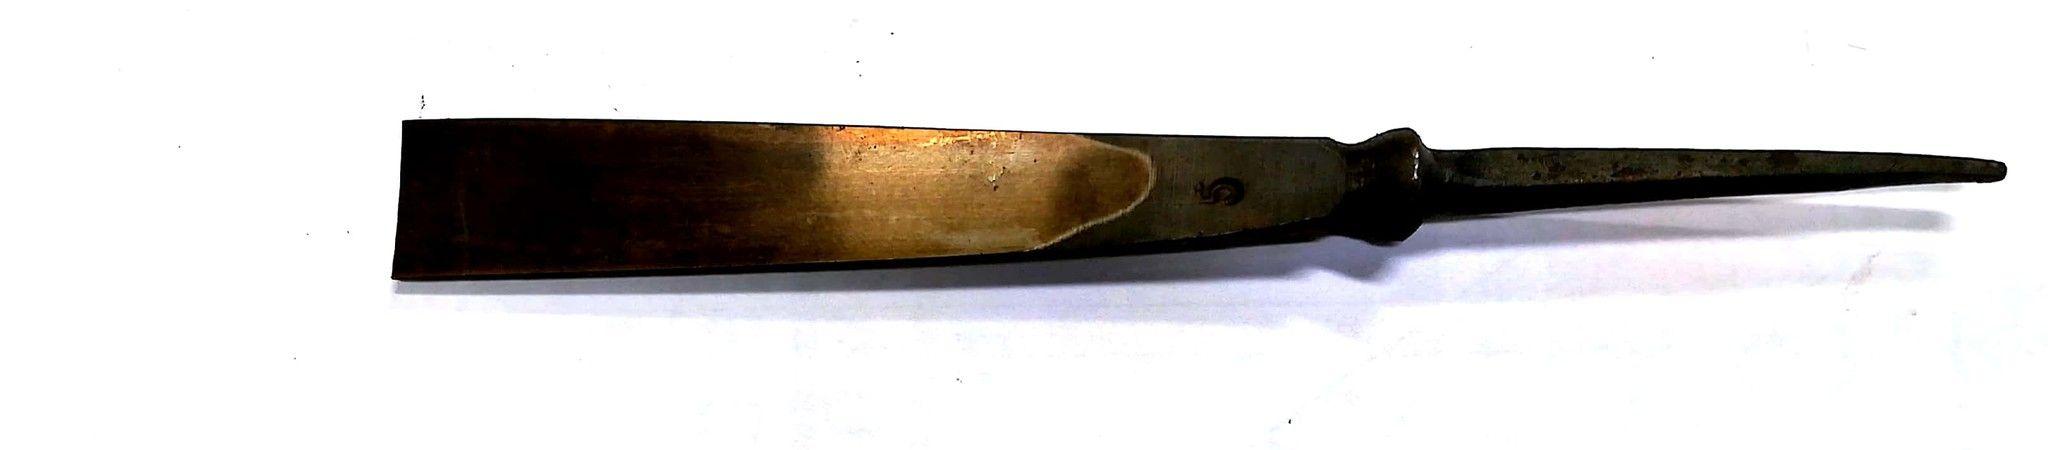 Sgorbia da intaglio legno figura 5 mm 8 STUBAI